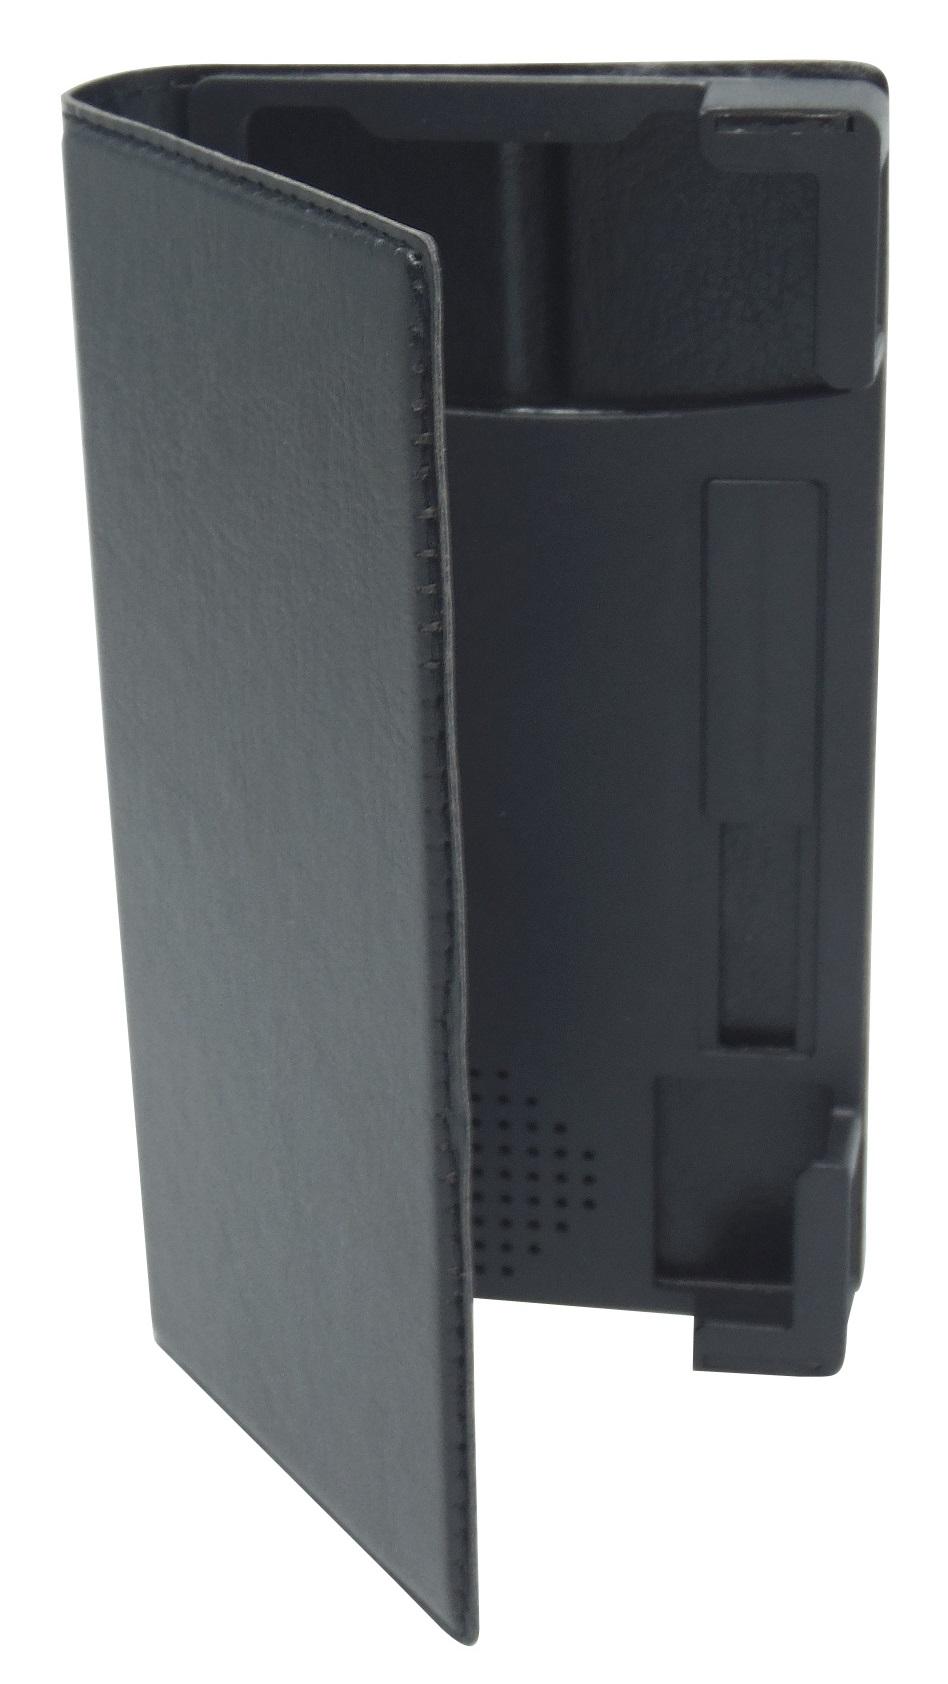 Husa universala GreenGo Smart Master neagra (reglabila) cu stand si rama mobila pentru telefoane cu diagonala de 4 - 4,5 inch